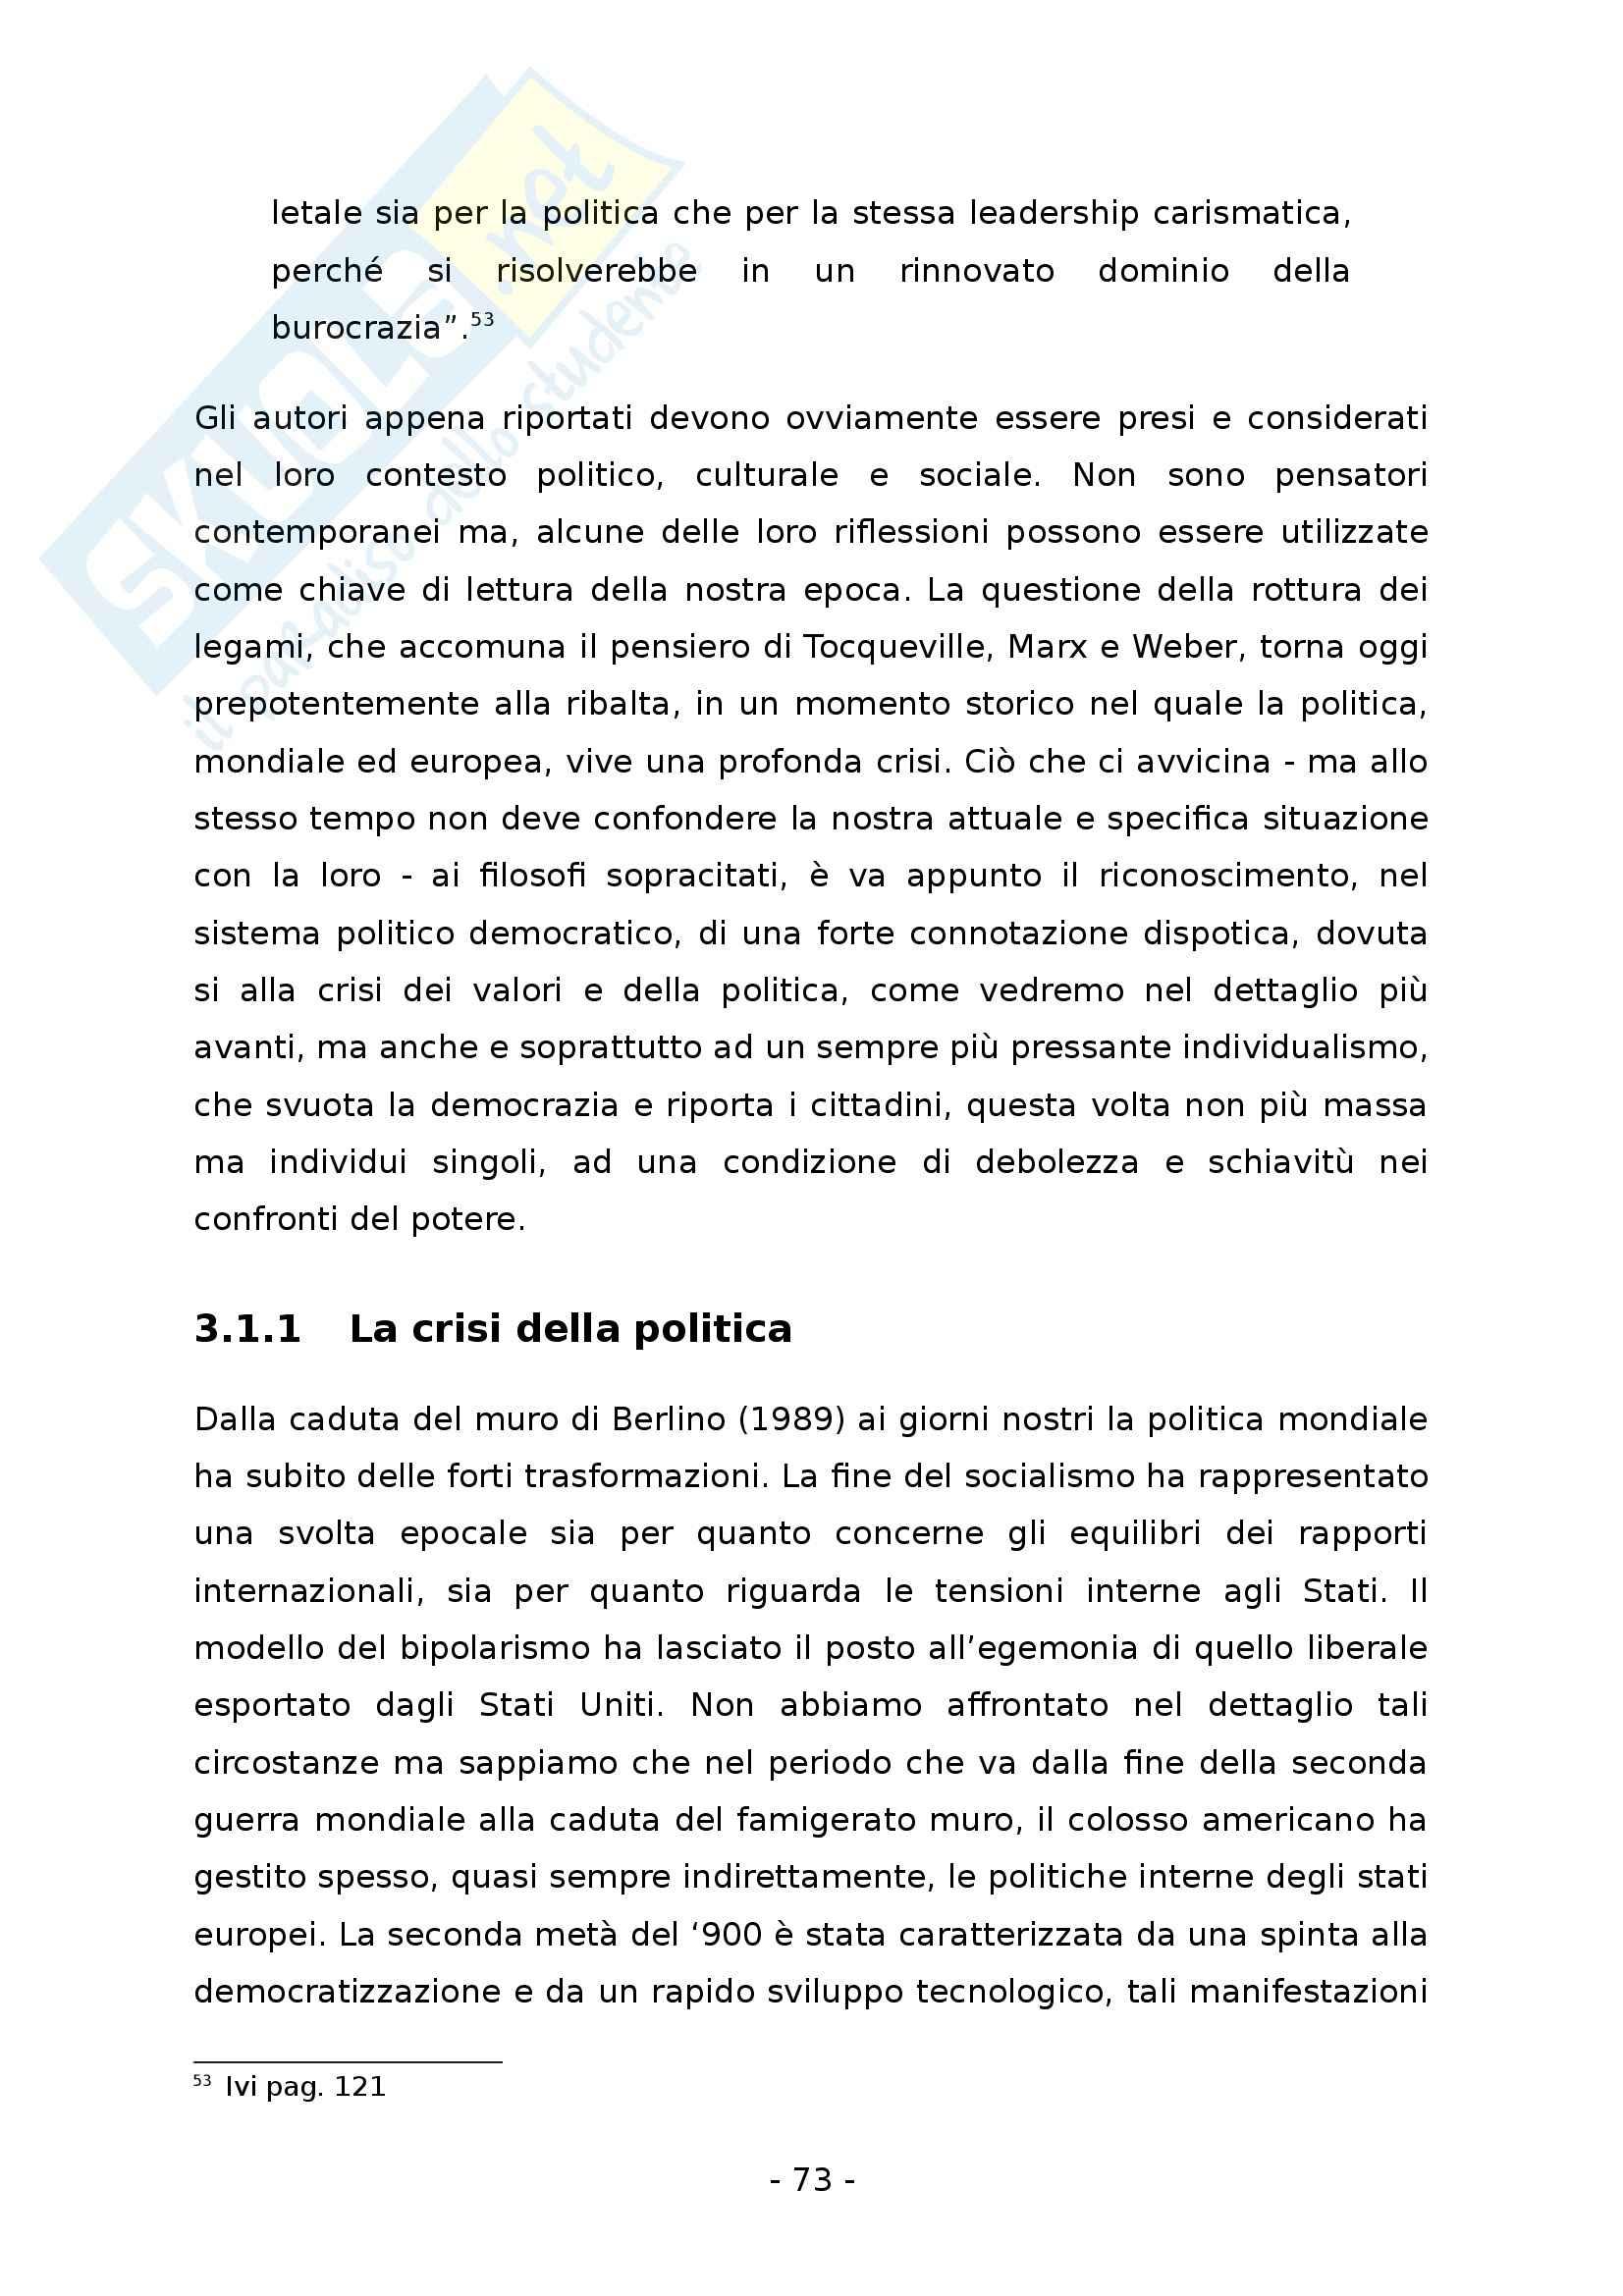 La democrazia rappresentativa. Un regime tra suffragio universale e dispotismo - Tesi Pag. 81